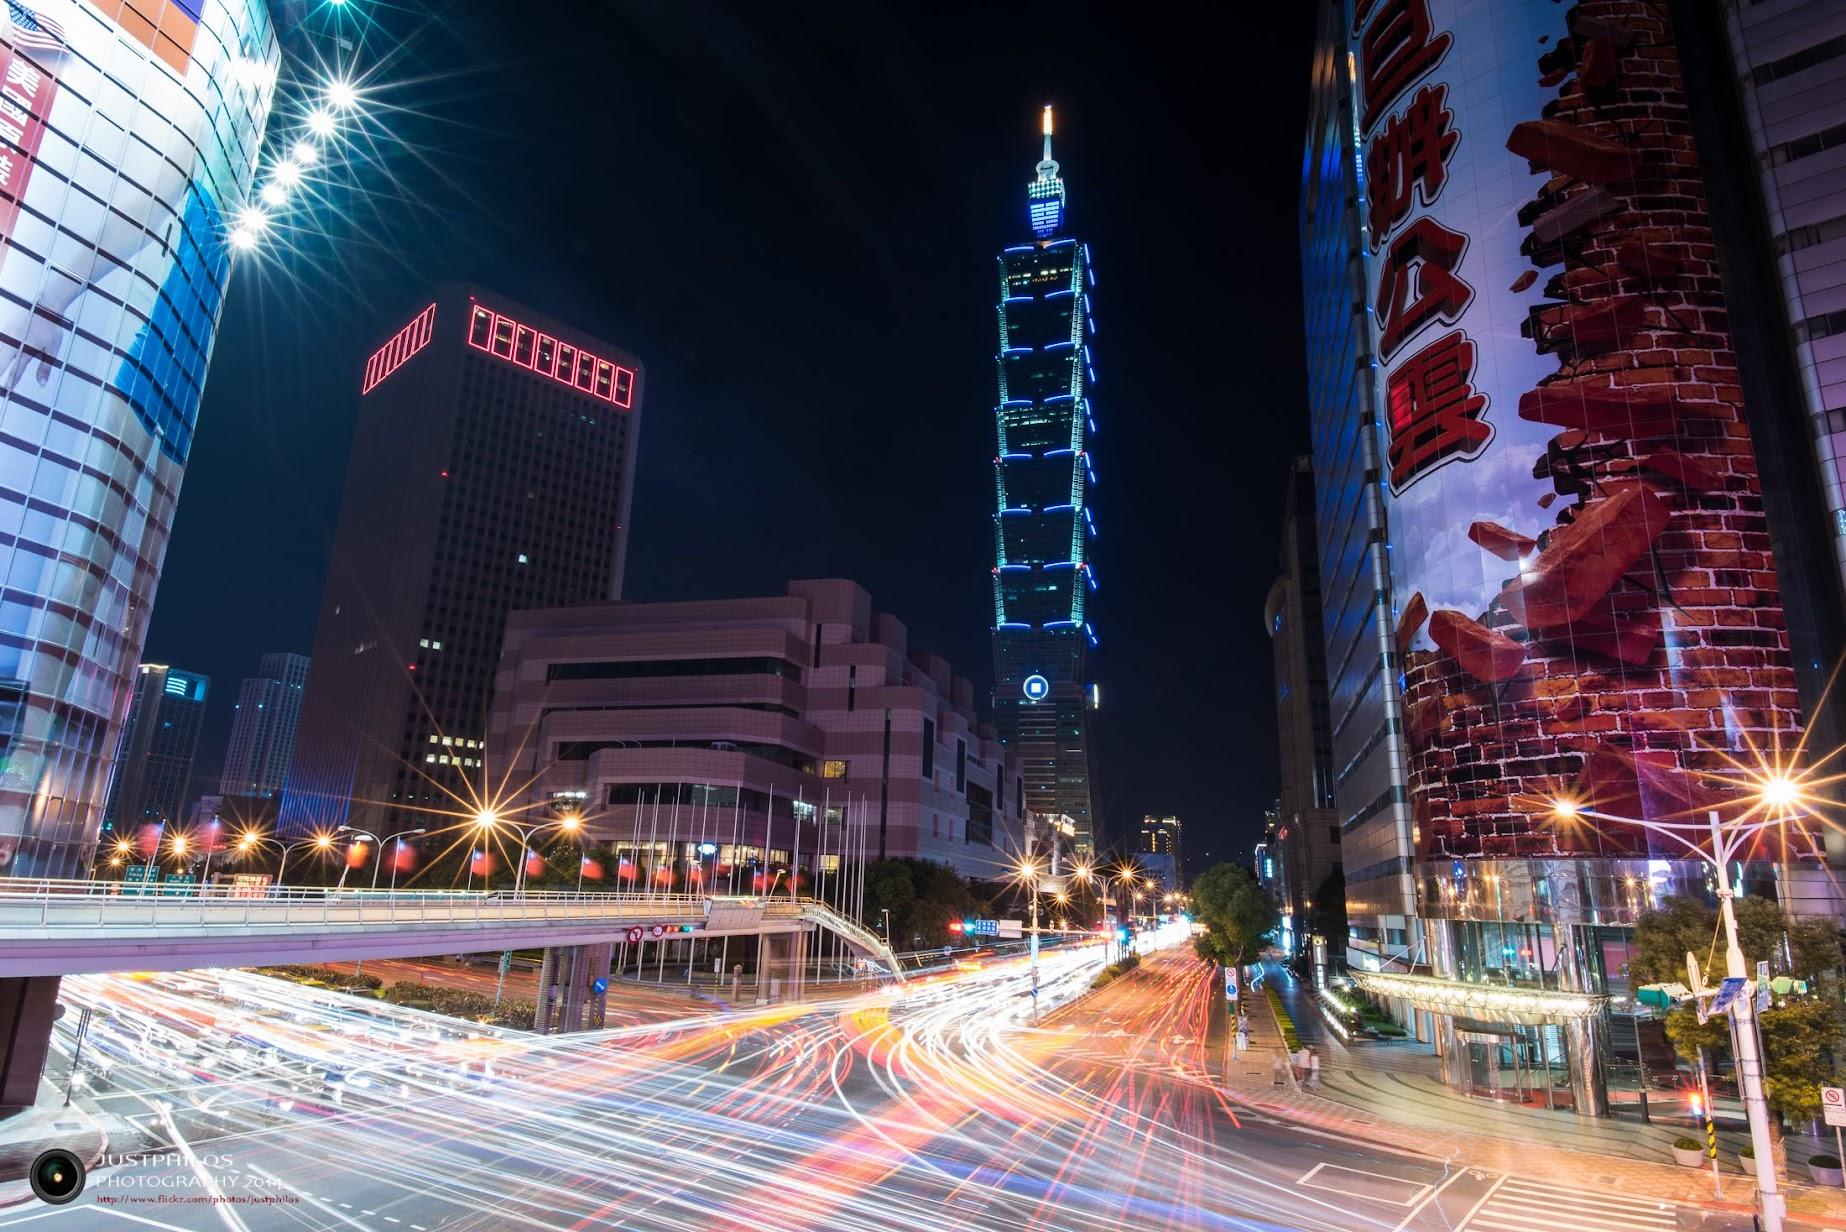 台北信義區天橋也是許多攝影人喜歡的夜景拍攝地點。